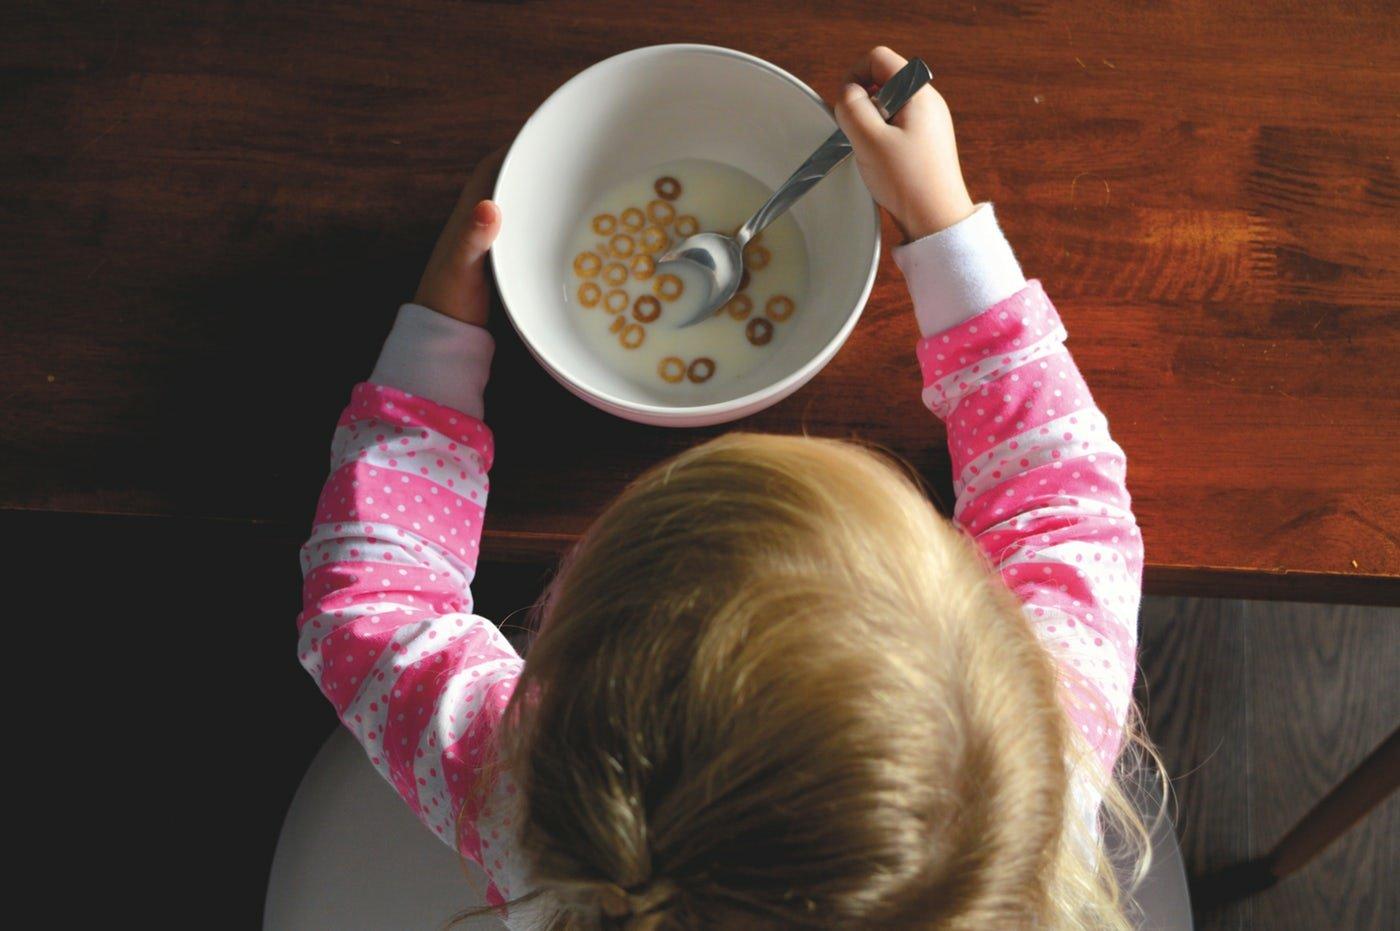 Read more about the article Meine Suppe ess ich nicht – von heiklen Essern und besorgten Eltern